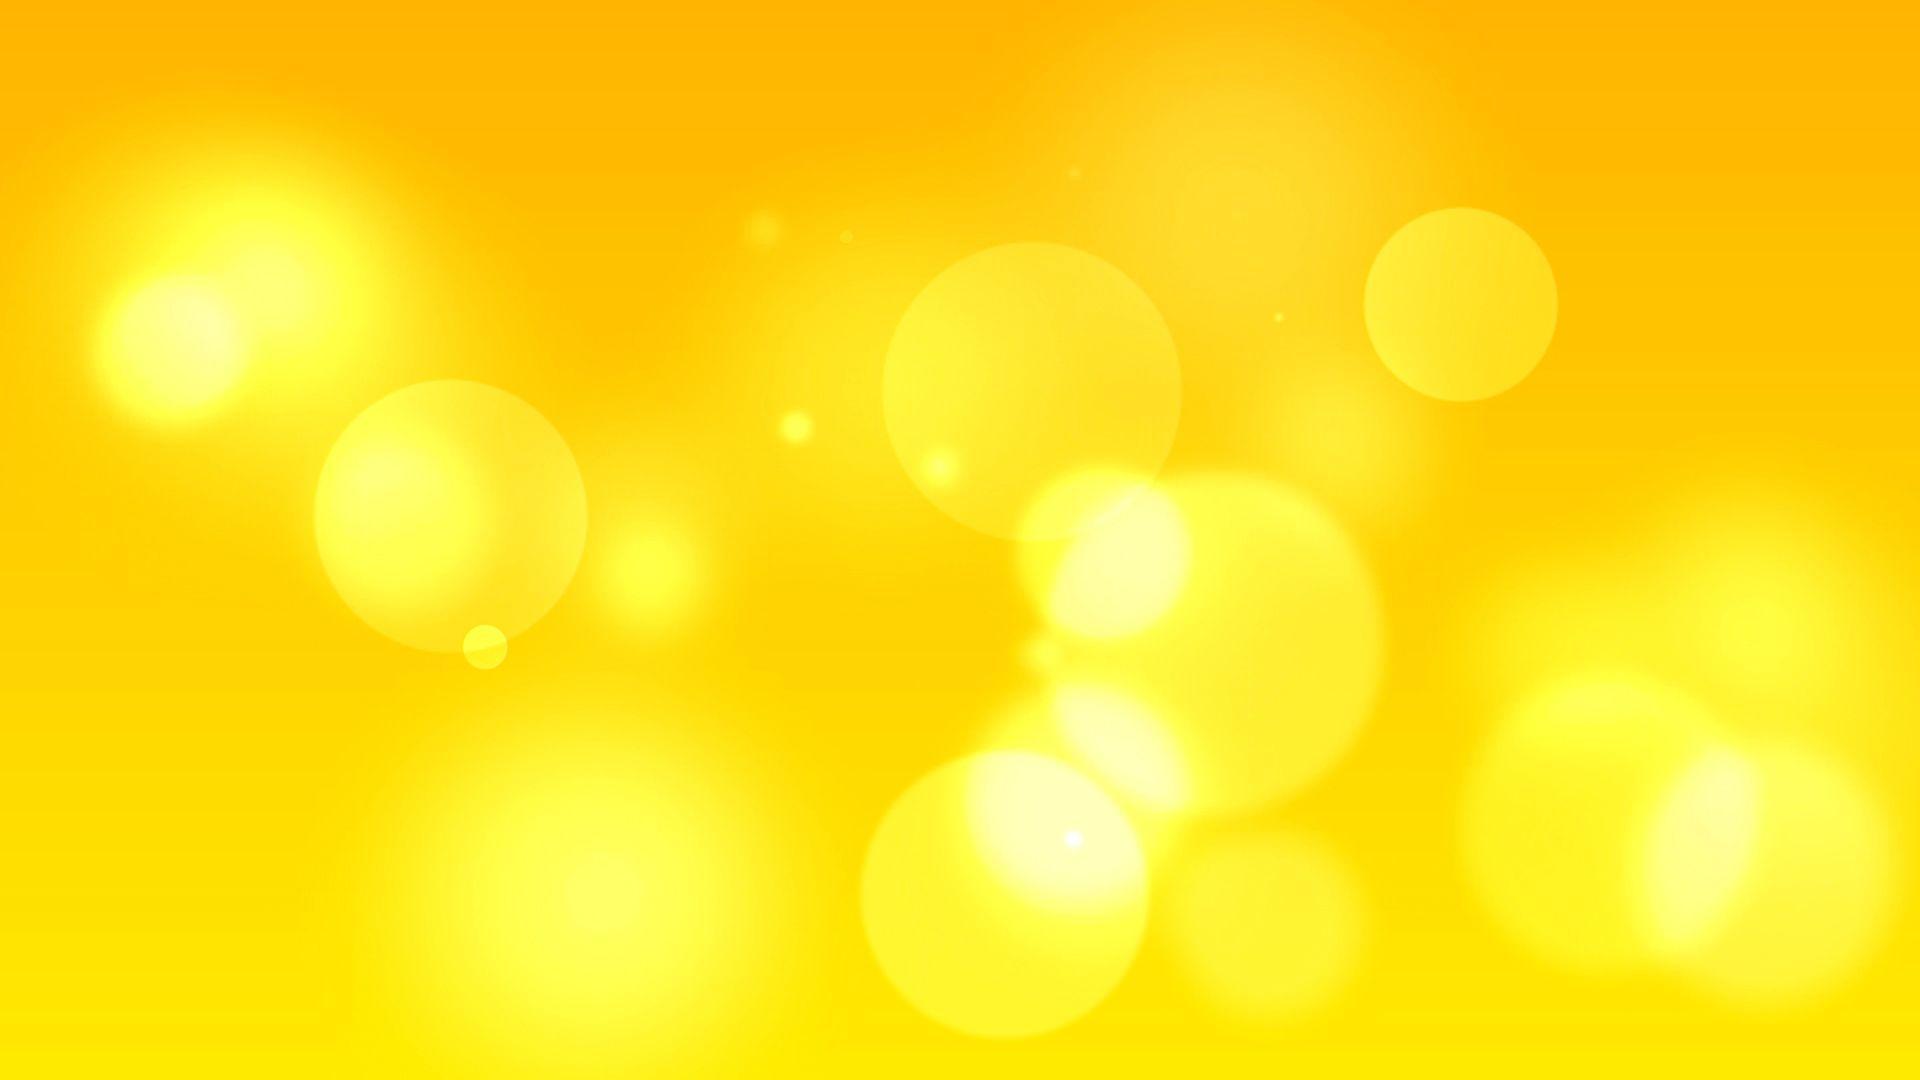 1920x1080 Đơn giản Màu vàng Trừu tượng # Giấy báo